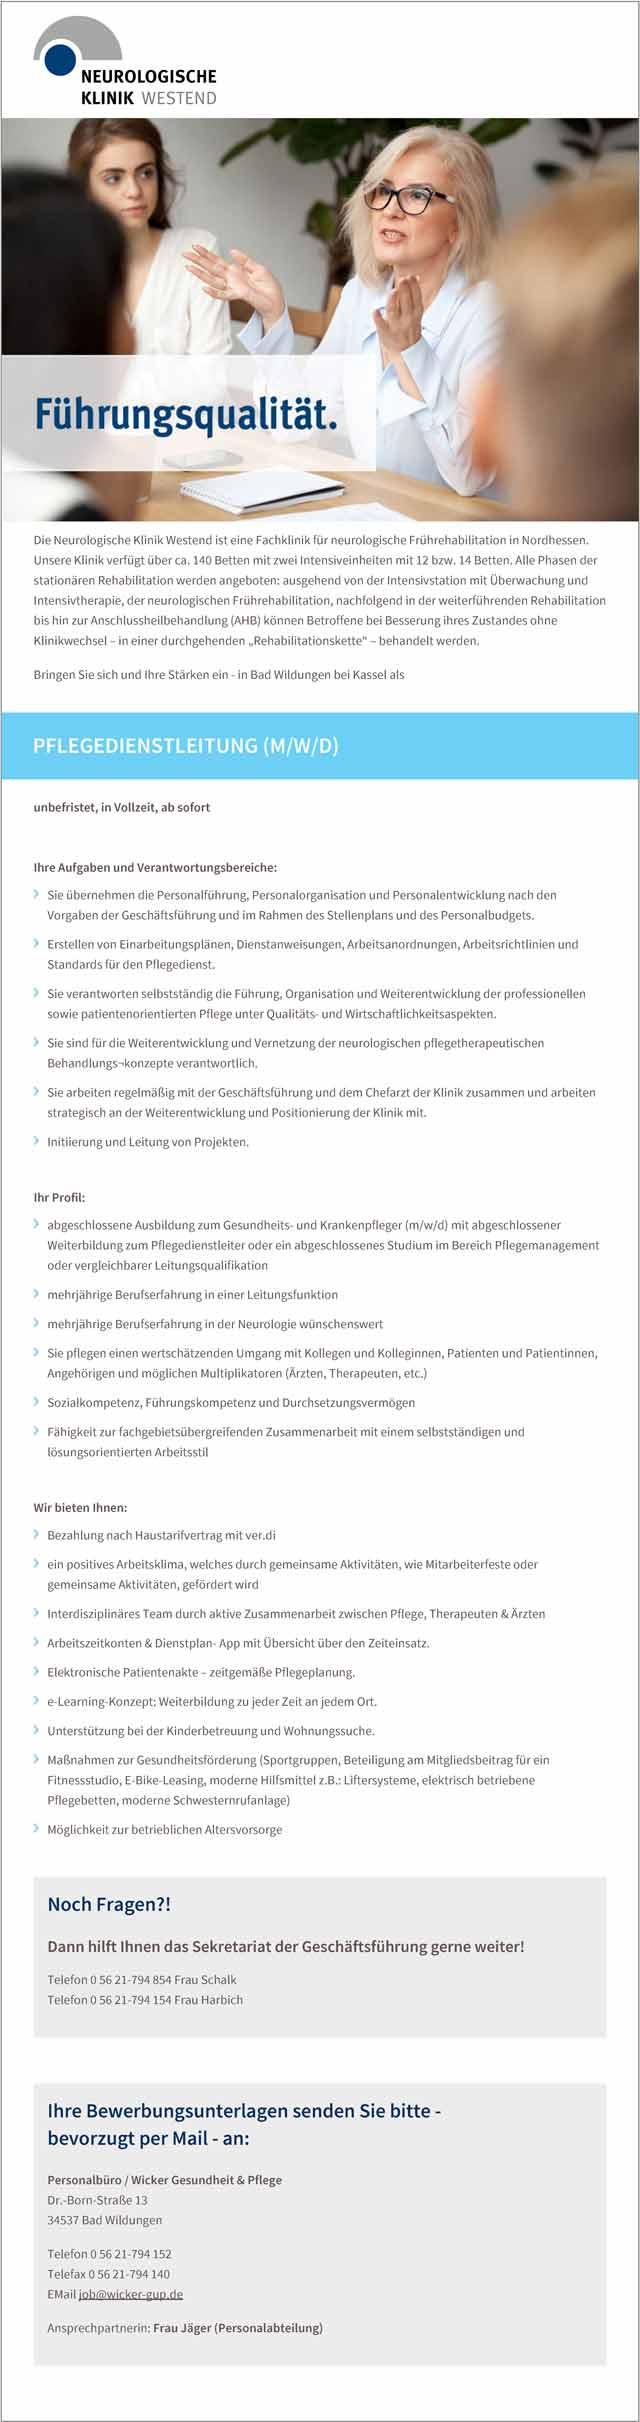 Wicker - Gesundheit und Pflege: Pflegedienstleitung (m/w/d)